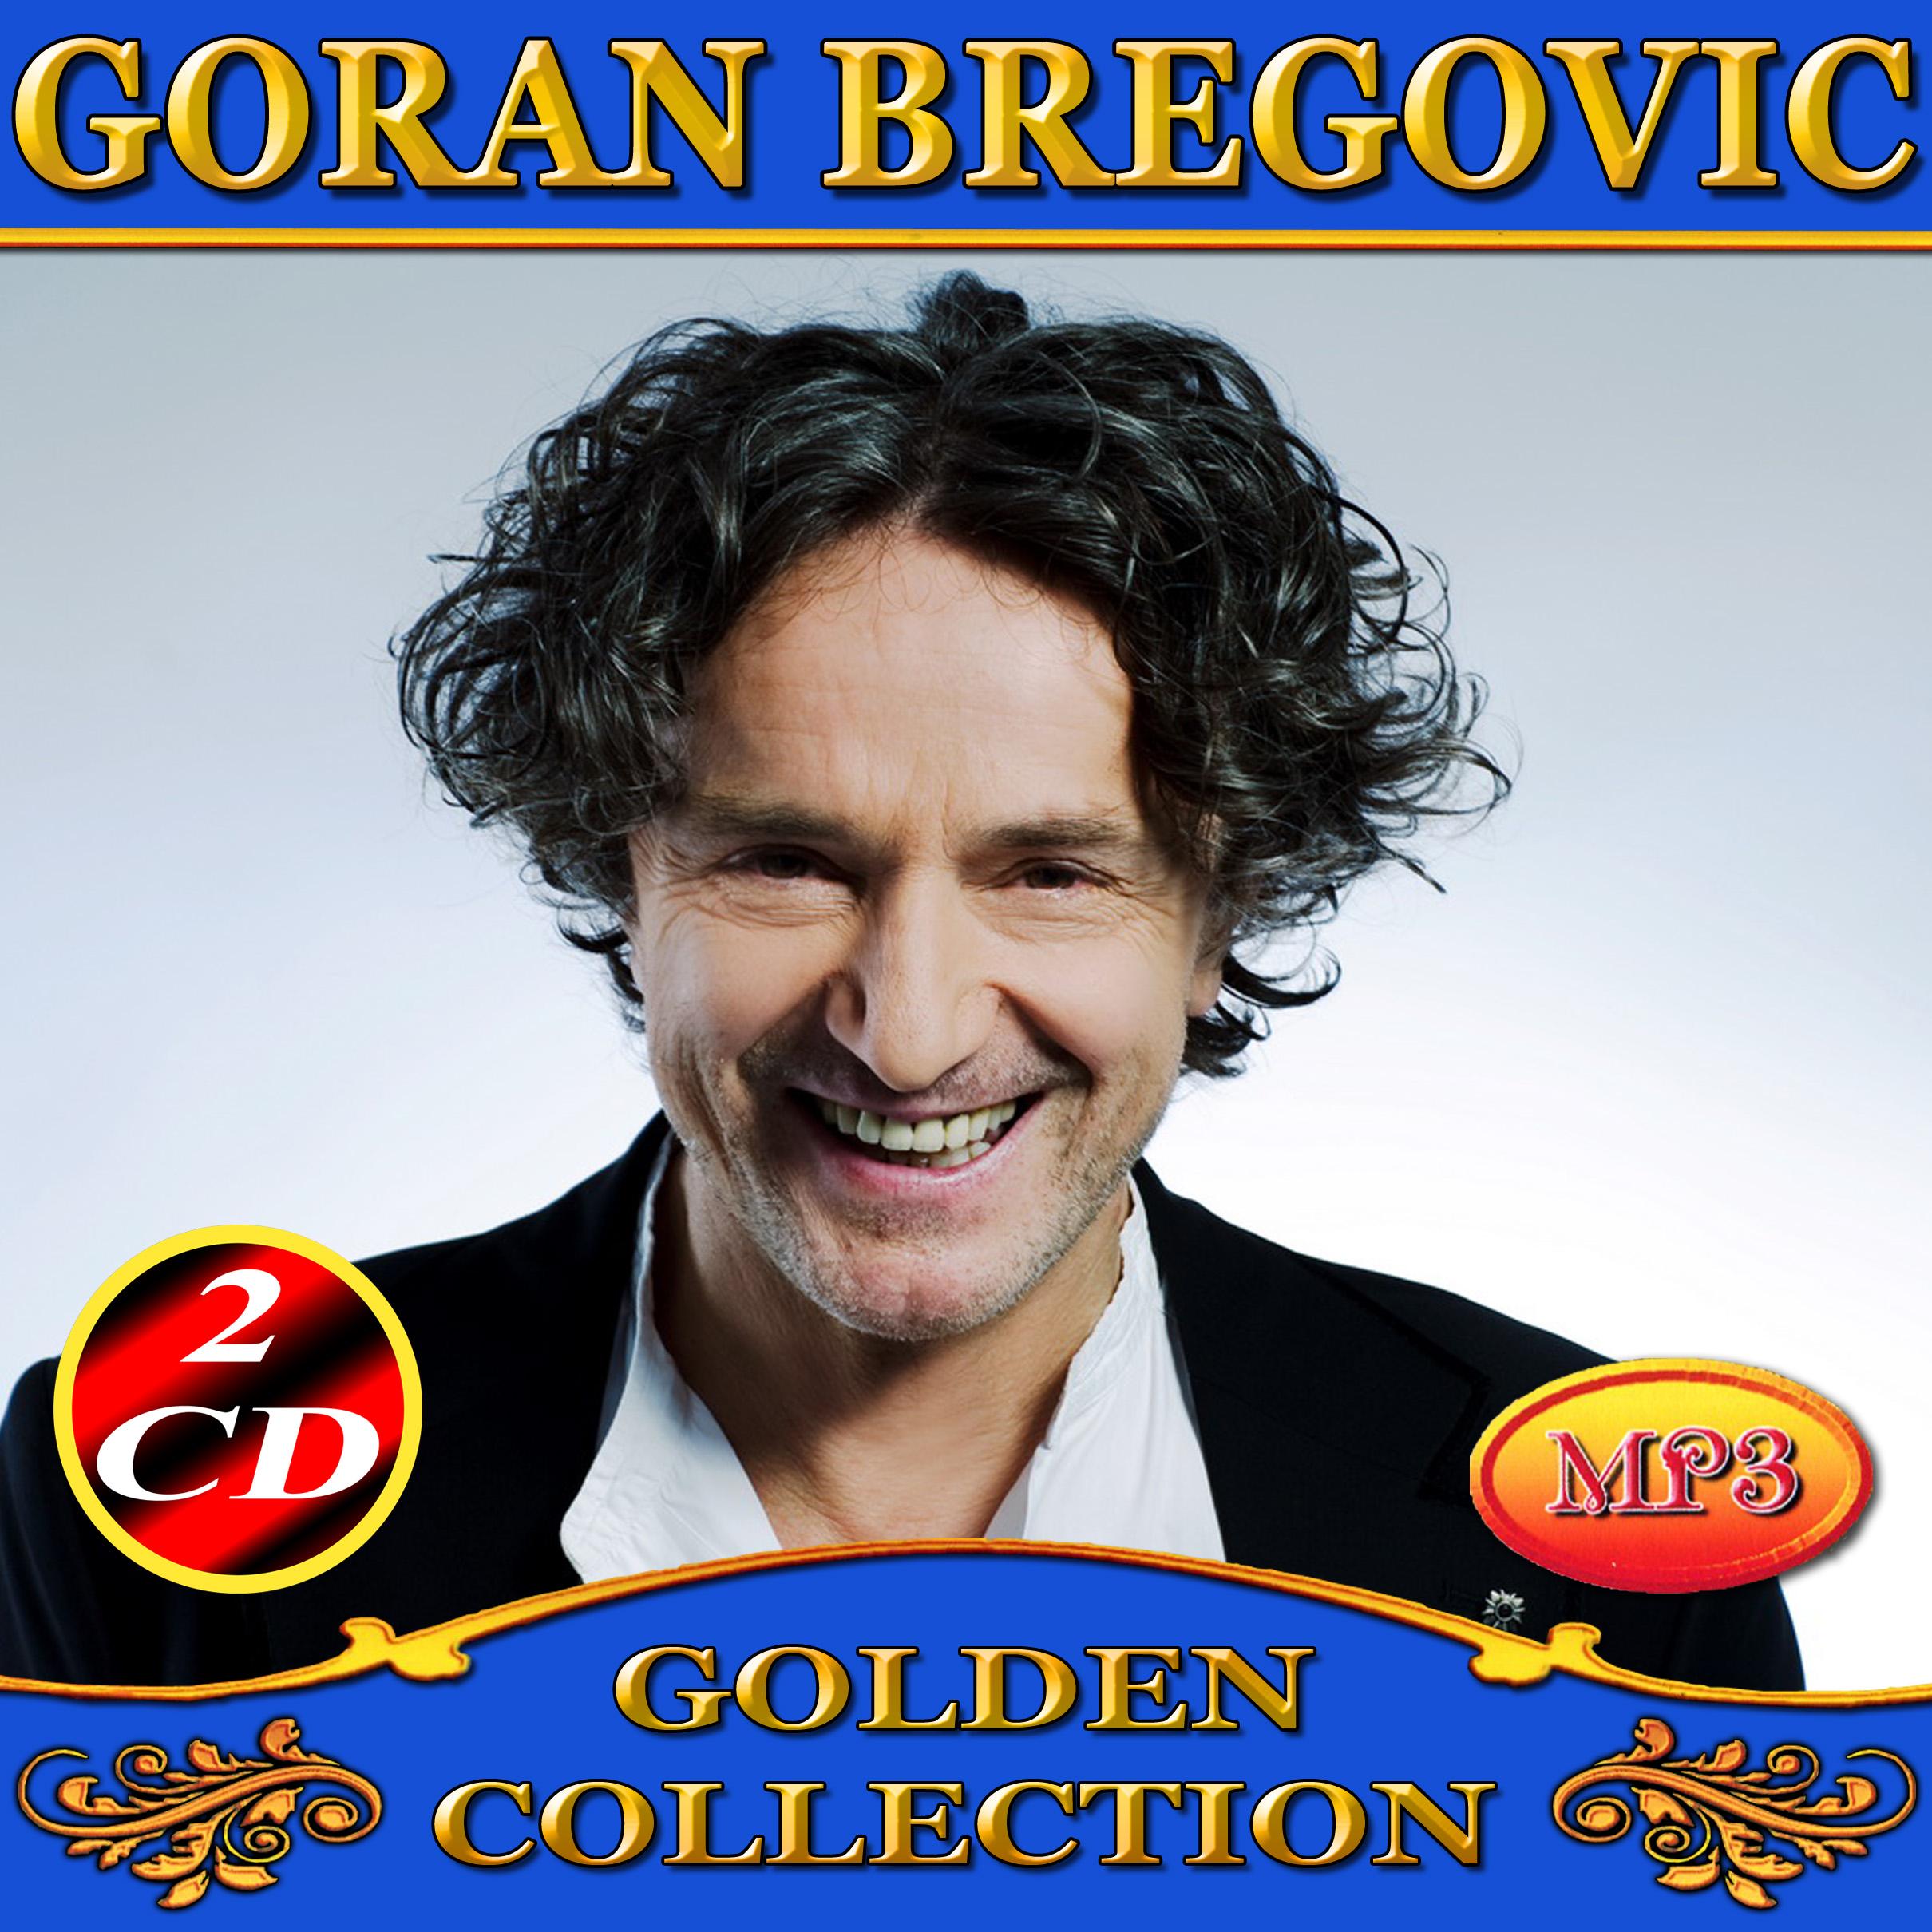 Goran Bregovic 2cd [mp3]